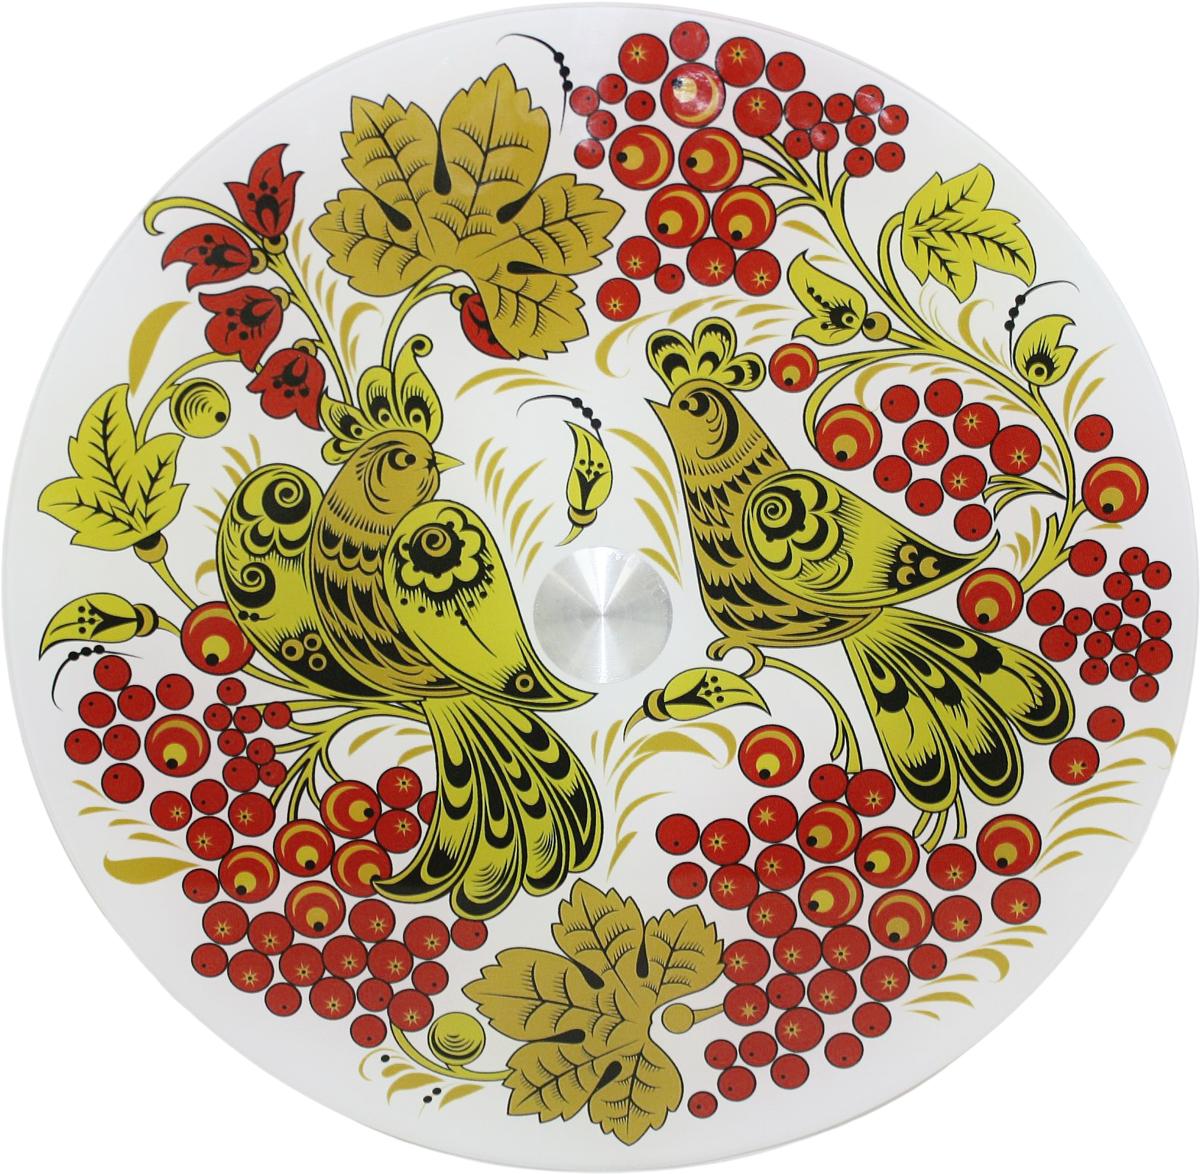 Блюдо Vellarti Птицы дивные, вращающееся, диаметр 30 см. 21700242170024Круглое блюдо Vellarti Птицы дивные выполнено из высококачественного стекла и дополнено красивымпринтом. Блюдо оснащено небольшой круглой подставкой и крутящимся механизмом.Изделие отлично подходит для сервировки закусок, нарезок, канапе, горячих блюд и многогодругого.Такое блюдо замечательно для торжественных случаев. Оно дополнит сервировкупраздничного стола и подчеркнет ваш прекрасный вкус. Диаметр блюда: 30 см.